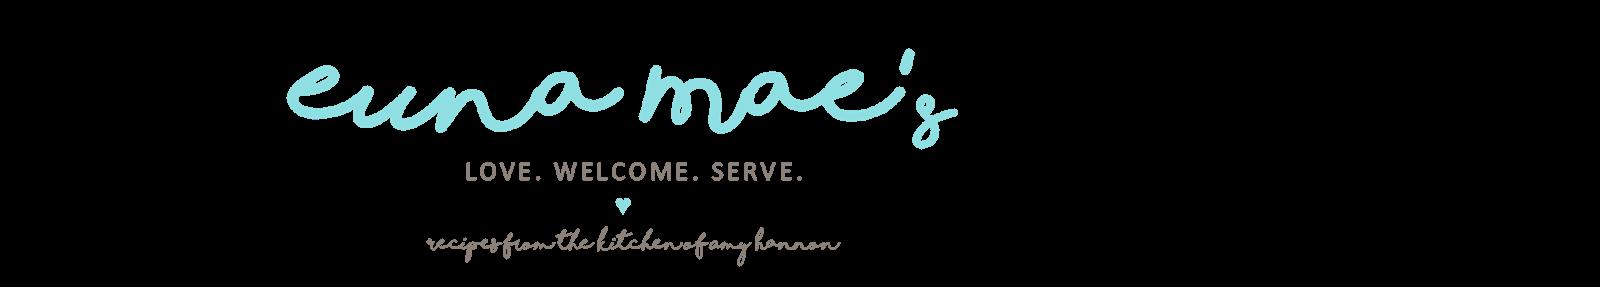 Euna Mae's